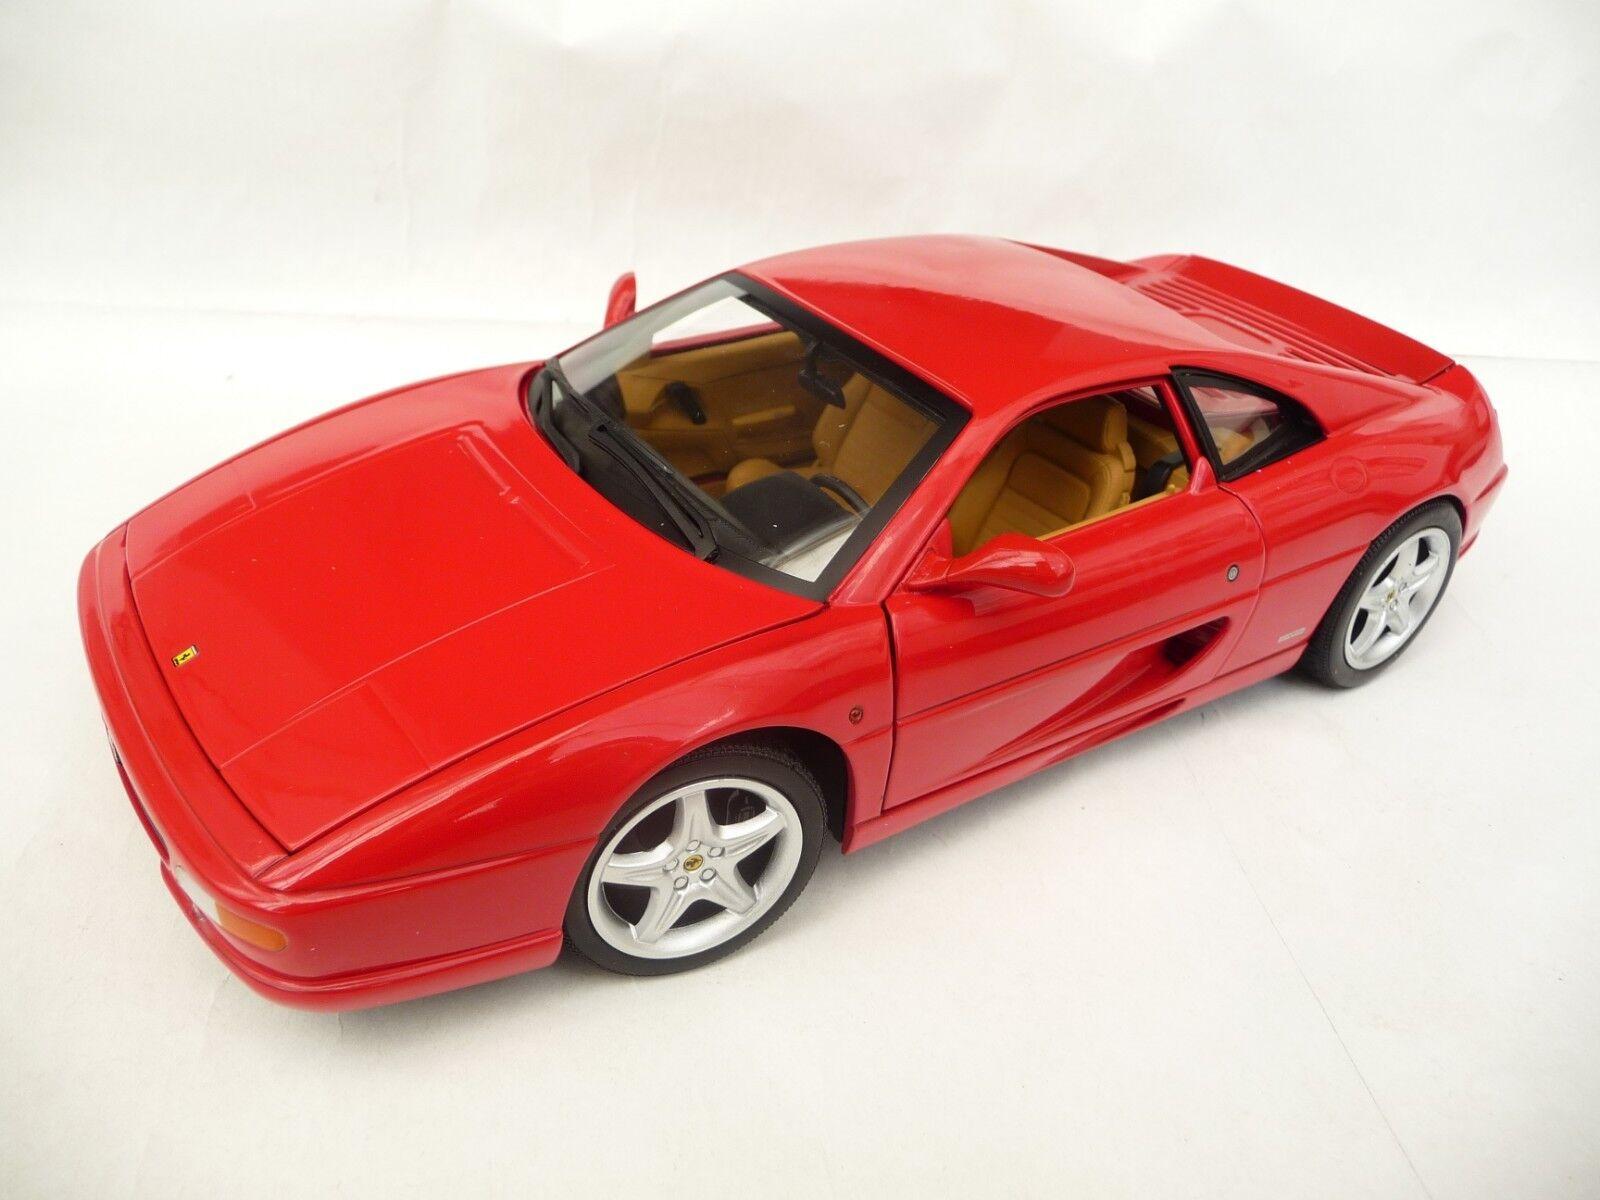 Hot Wheels 1 18 Ferrari F355 Berlinetta Rouge BLY57